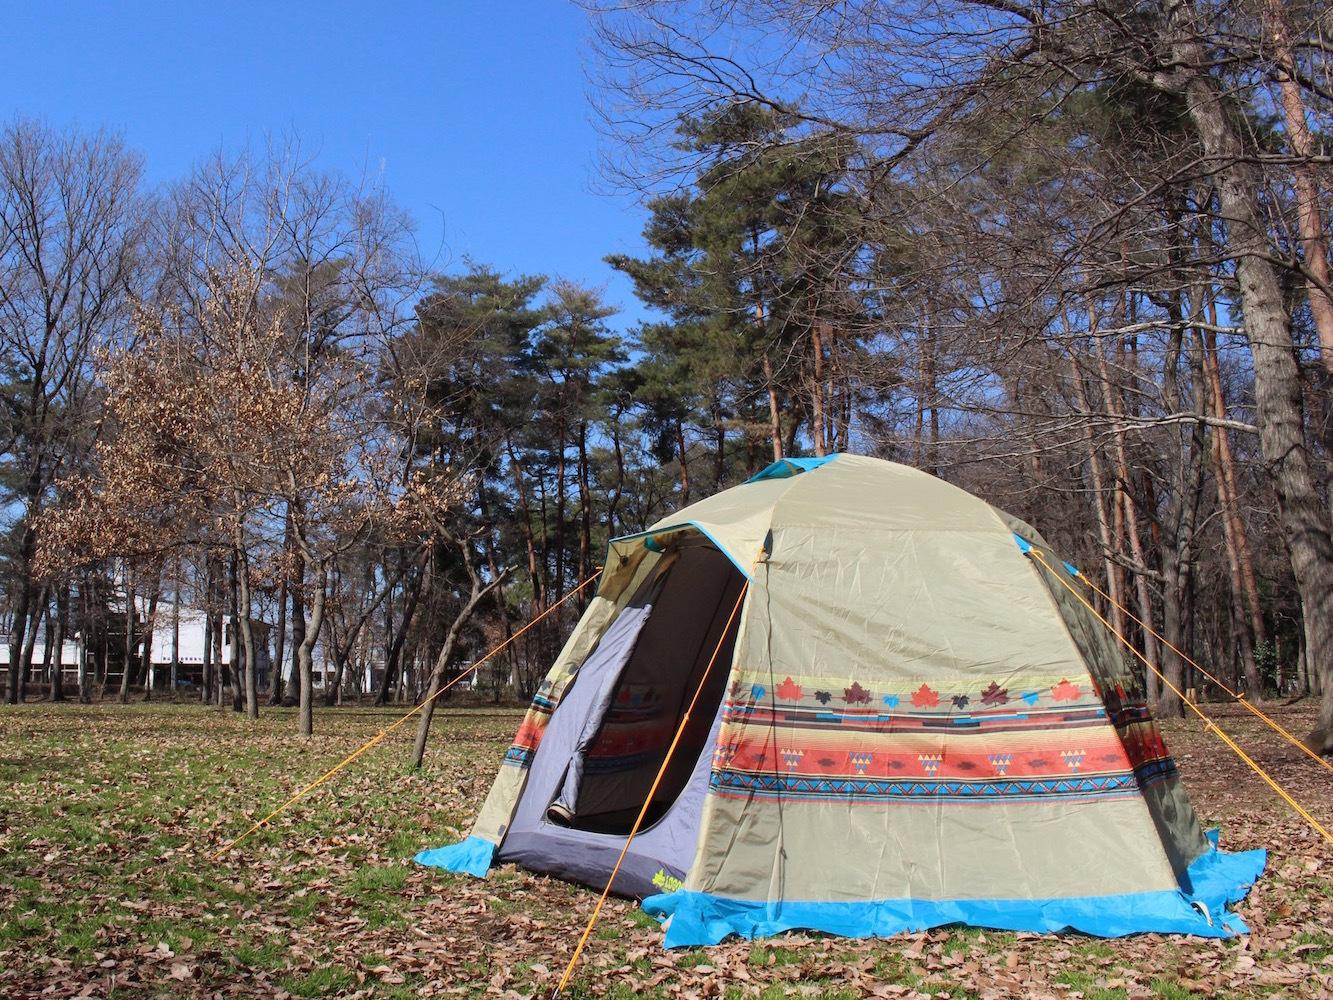 ロゴスの人気テント9種を建ててみた!初心者におすすめ理由がわかりました